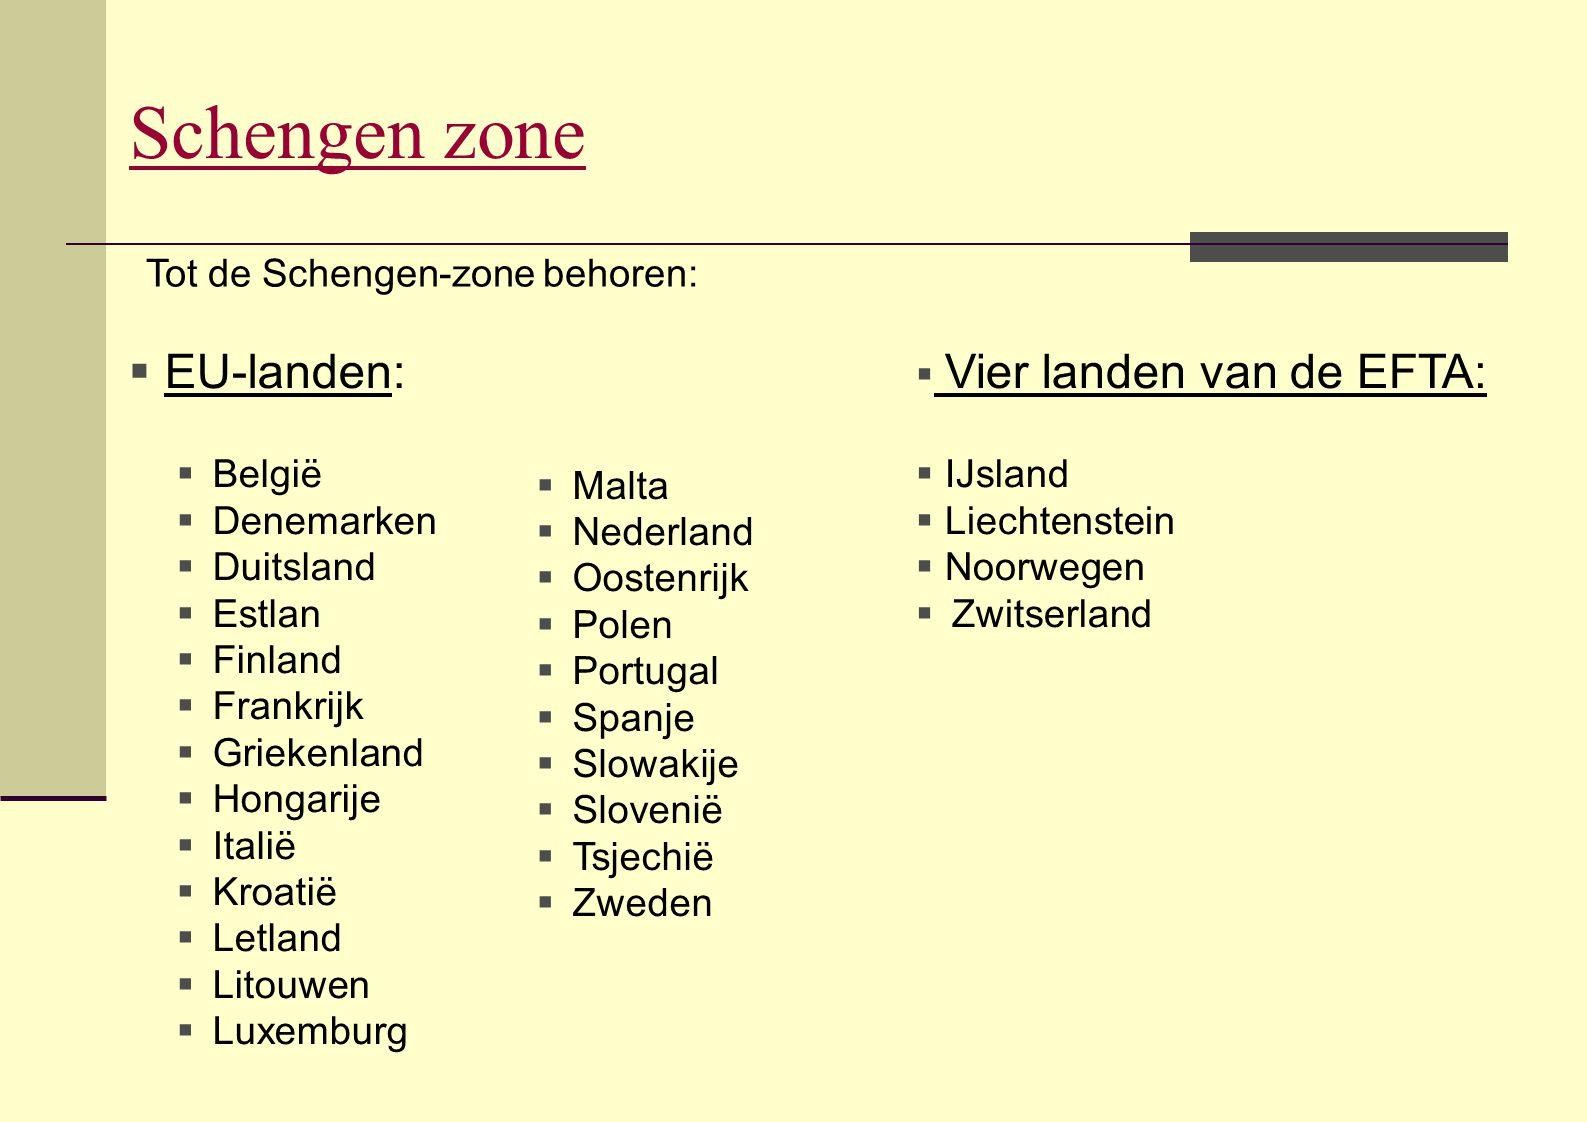  Sommige vreemdelingen zijn vrijgesteld van het aanvragen van een visum voor een kort verblijf:  Lijst van voor België vrijgestelde vreemdelingen is opgenomen in Bijlage 1 van het Vreemdelingenbesluit.